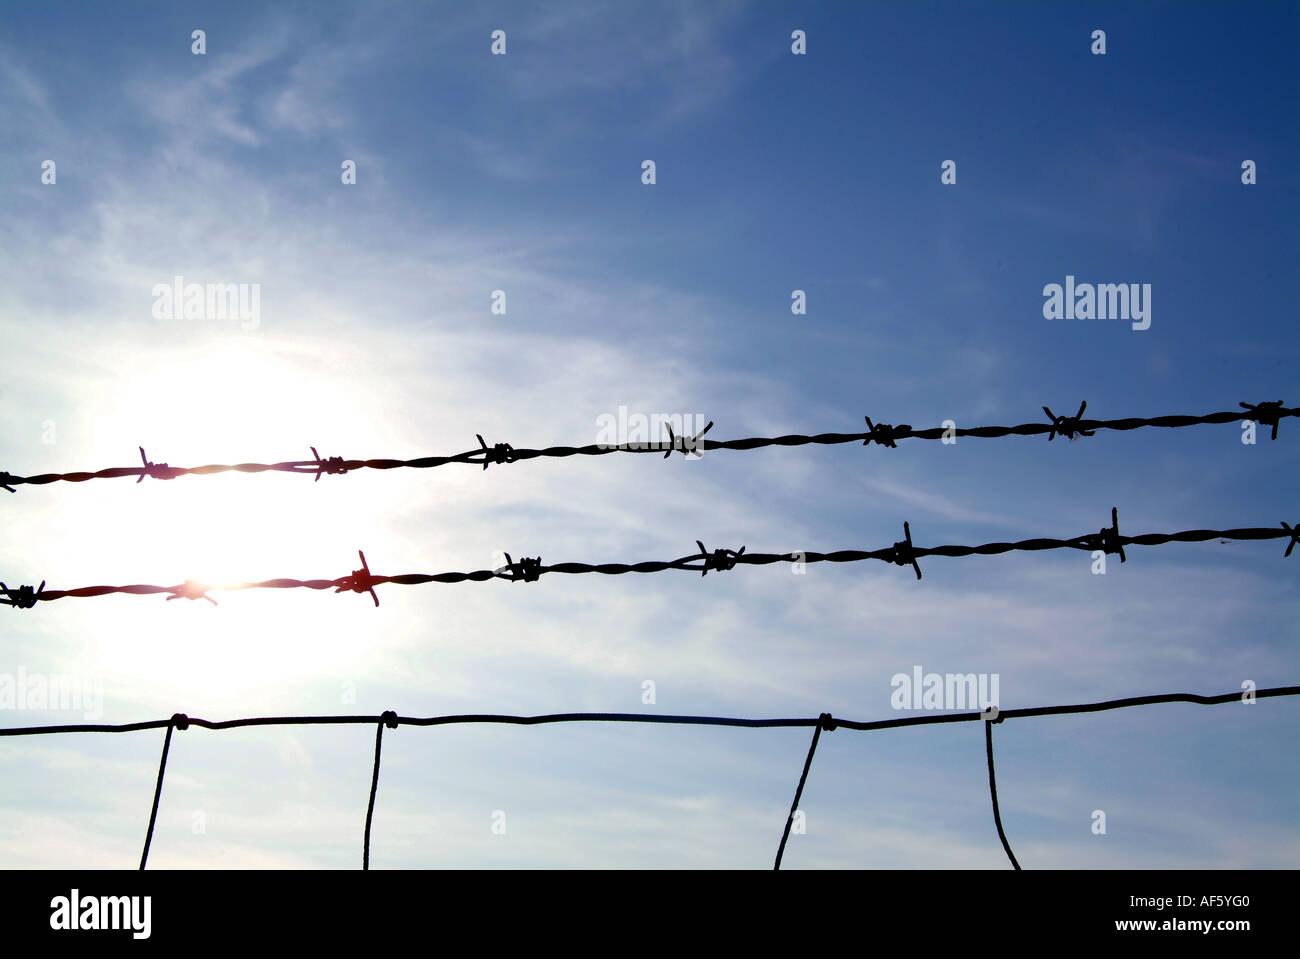 Spikey Wire Stock Photos & Spikey Wire Stock Images - Alamy